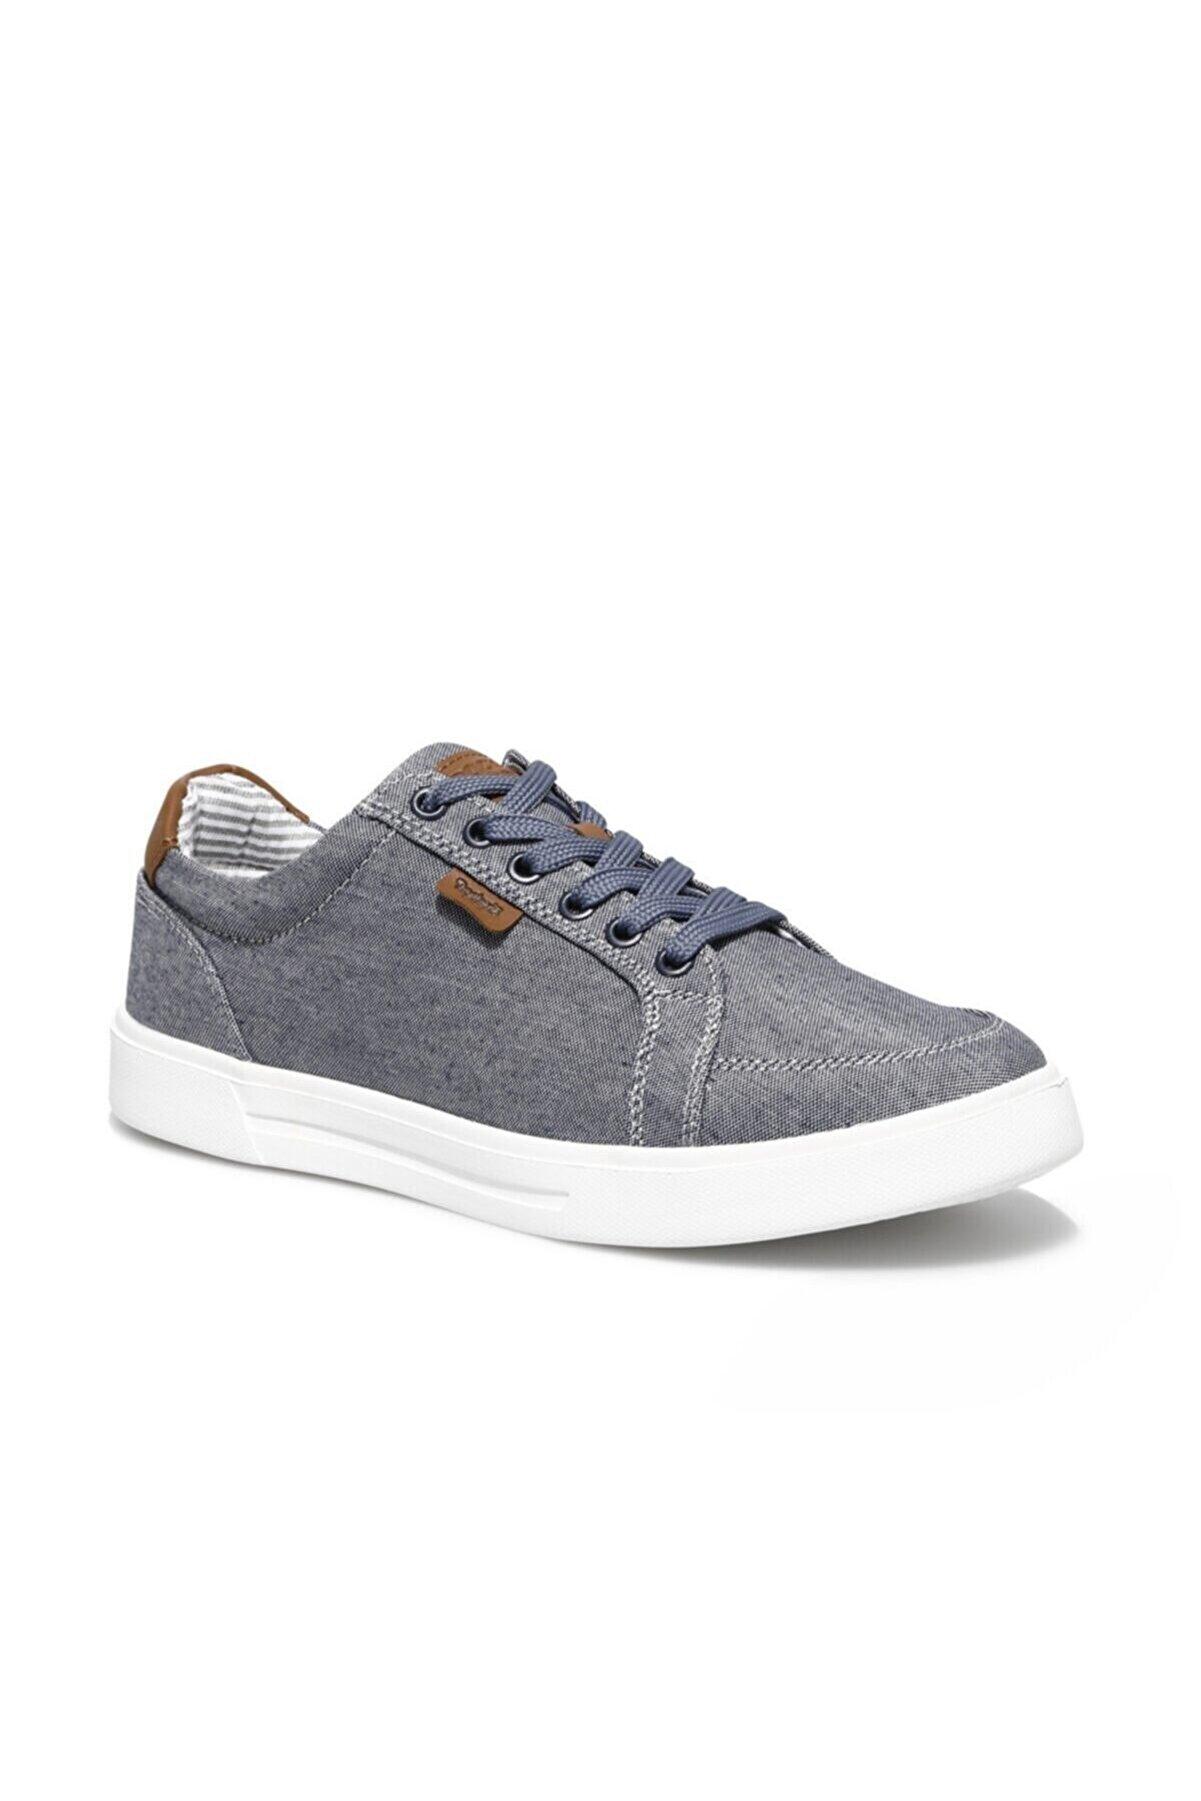 Dockers 230027 1fx Lacivert Erkek Sneaker Ayakkabı